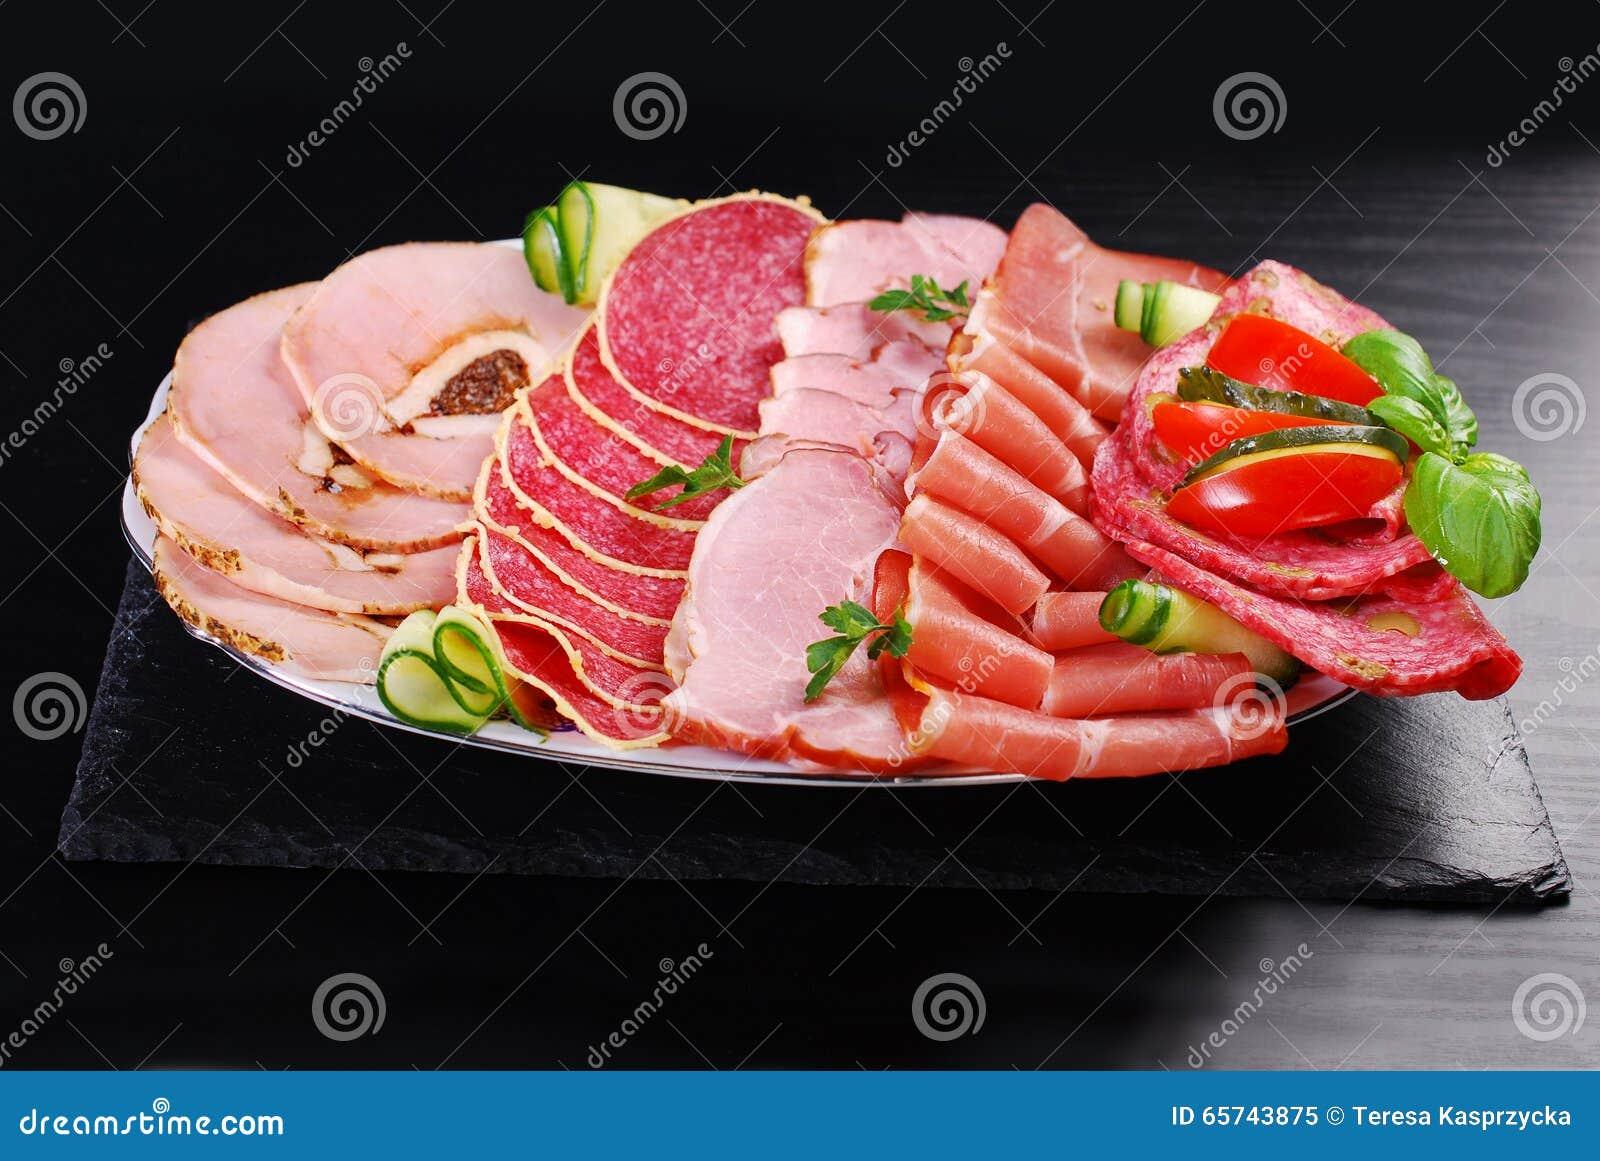 Półmisek pokrojony baleron, salami i leczący mięso,